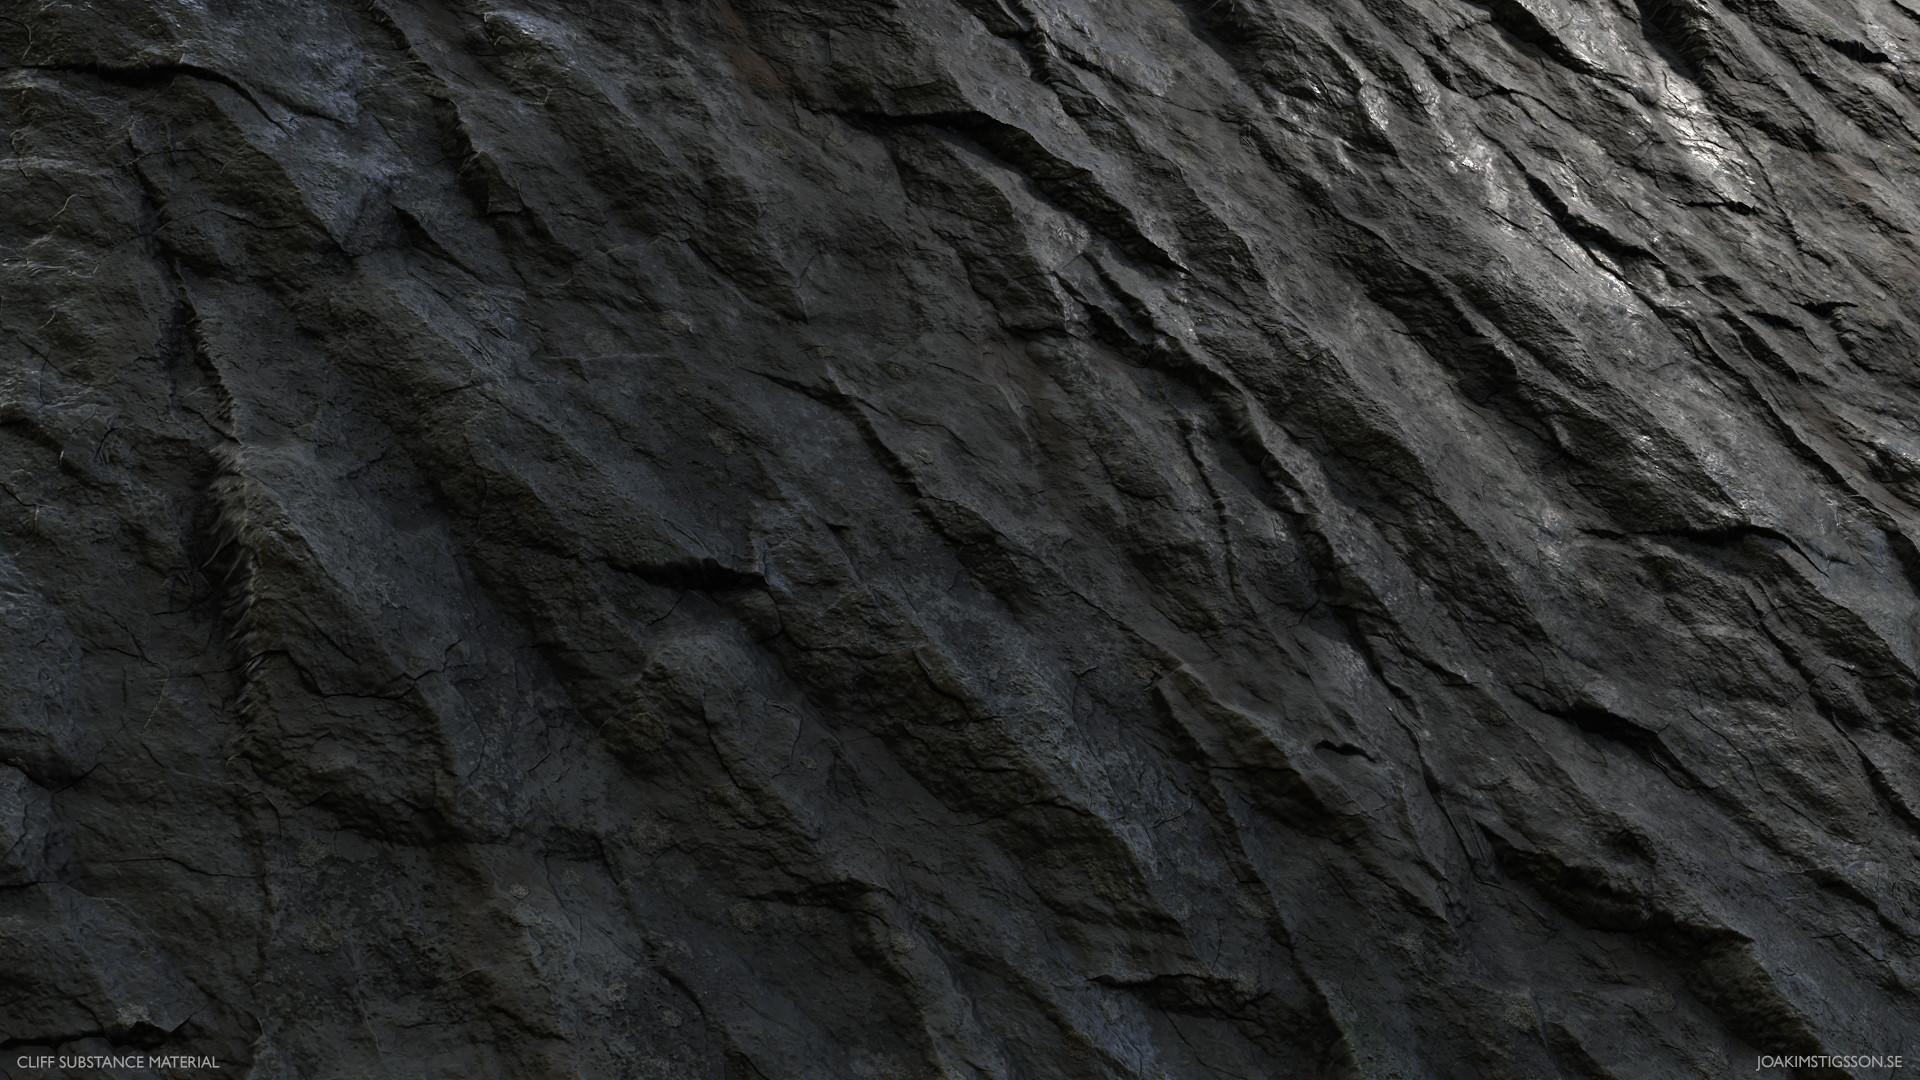 Joakim stigsson cliff 02